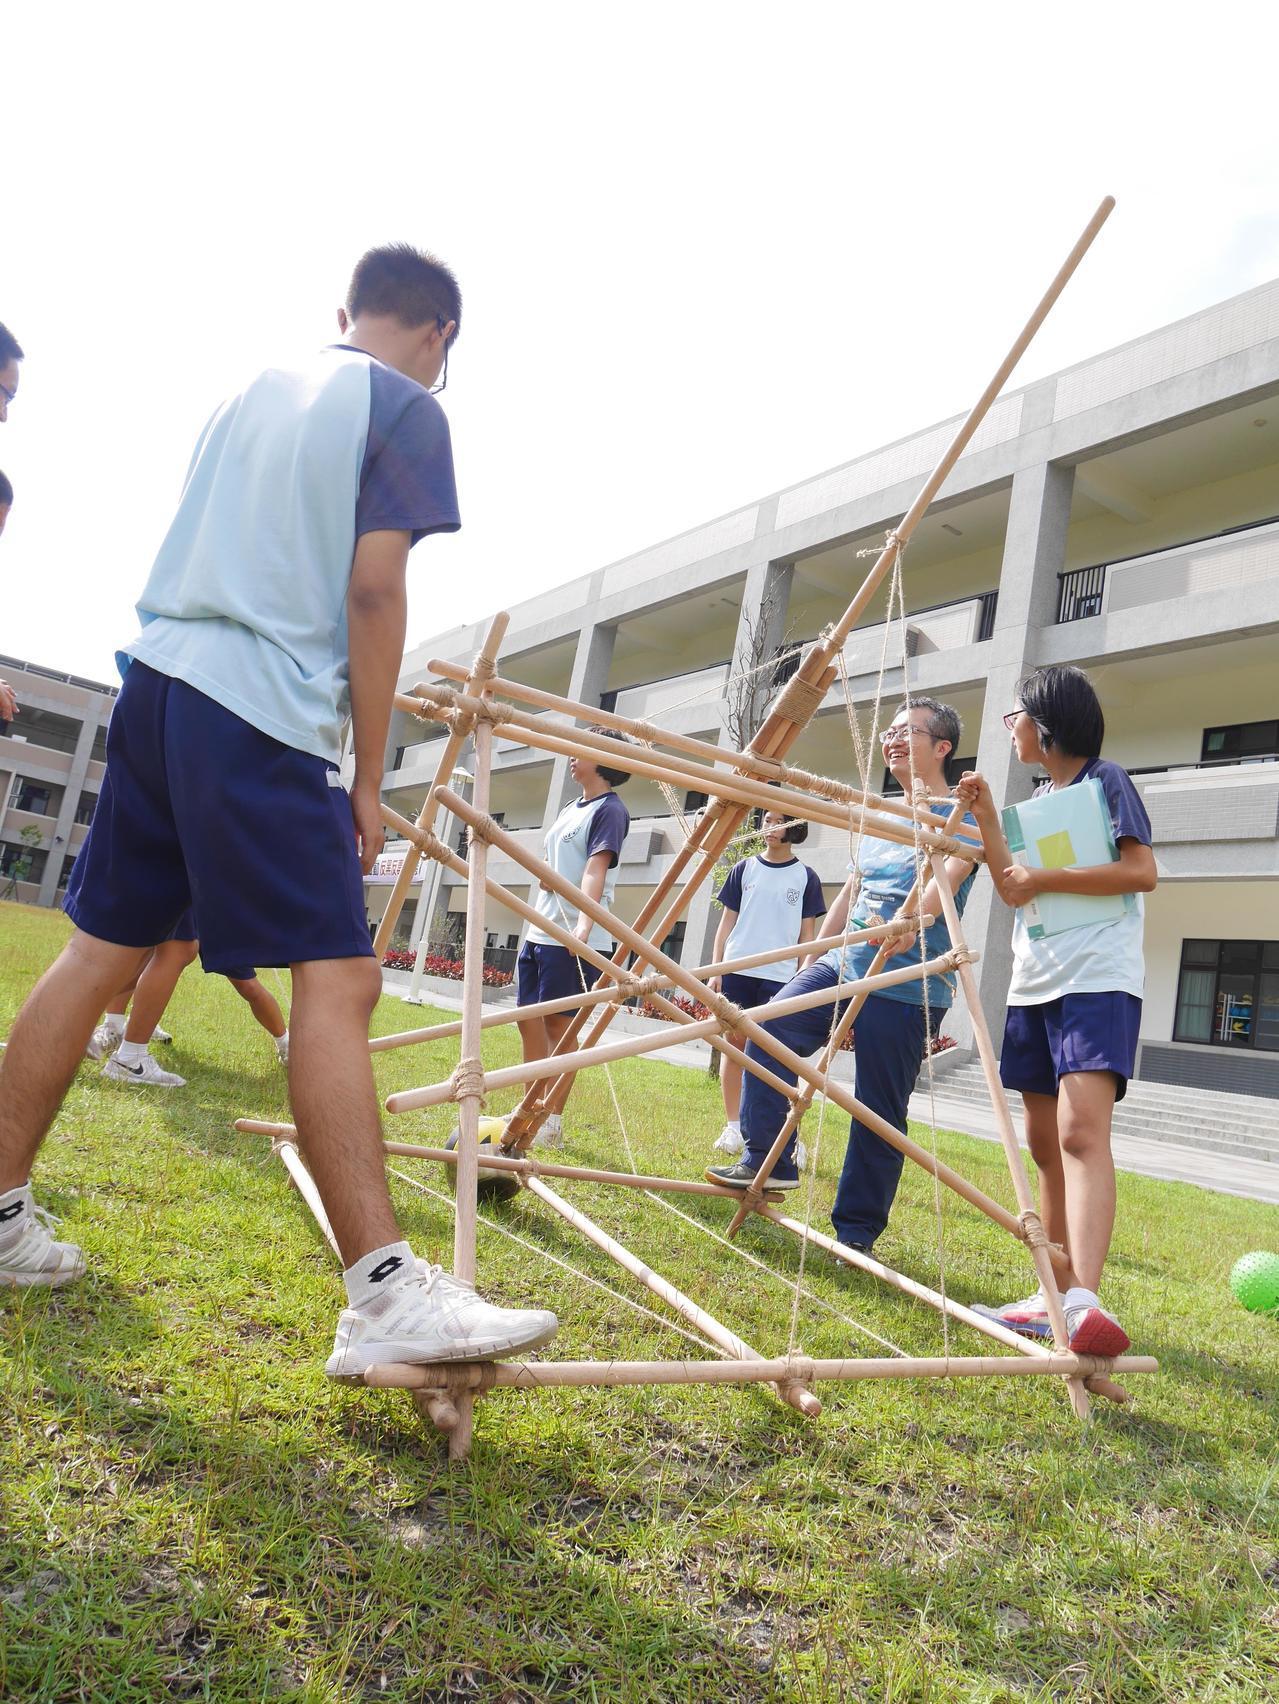 苗栗縣新港國中小美術老師黃茹舷結合生硬的物理課讓學生在操場架設彈弓,許學生驚呼「原來物理真夠能夠應用在生活」。圖/黃茹舷提供1